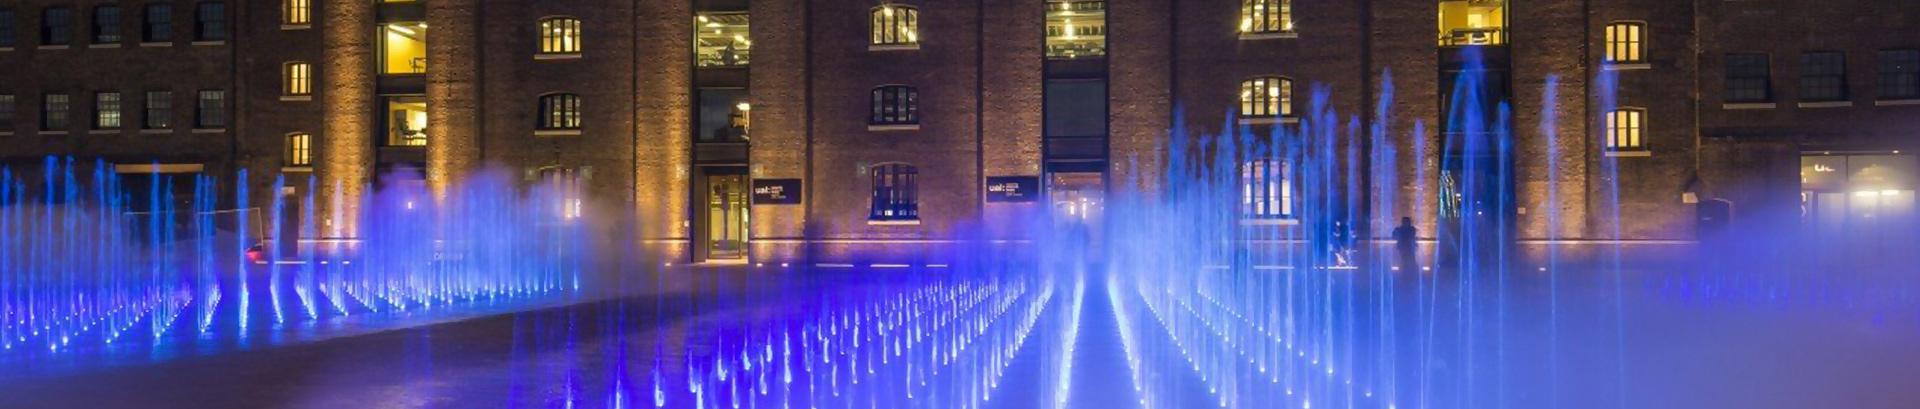 Verbindungslösungen für Anwendungen an Beleuchtungen und Gebäuden